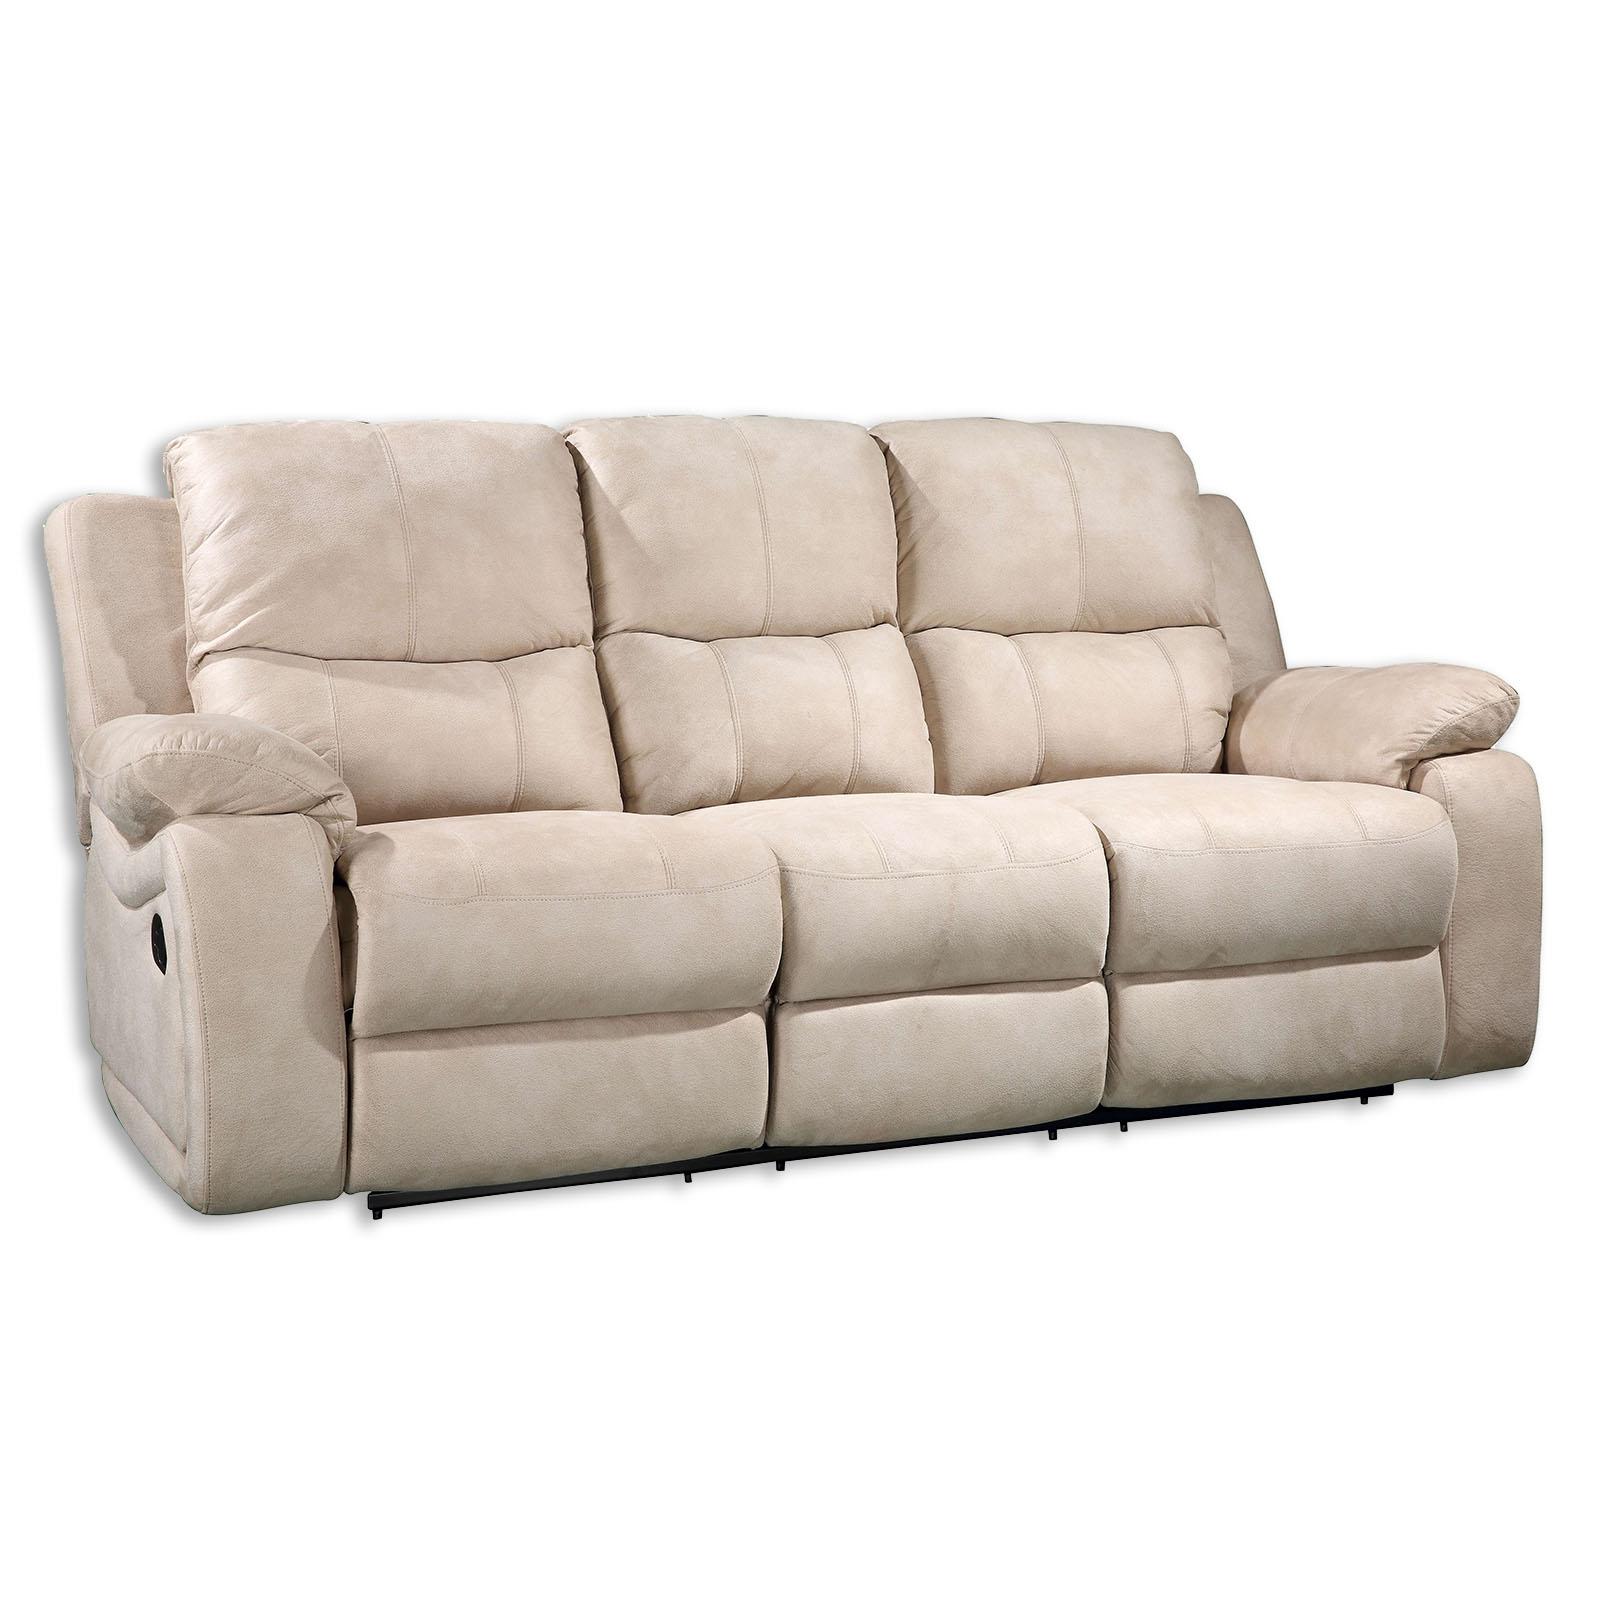 Full Size of Sofa 3 Sitzer Beige Mit Relaxfunktion 207 Cm Breit Online Erpo Grau Günstige Recamiere Muuto Inhofer Sofort Lieferbar Ottomane Federkern Rund Ohne Lehne U Sofa Sofa 3 Sitzer